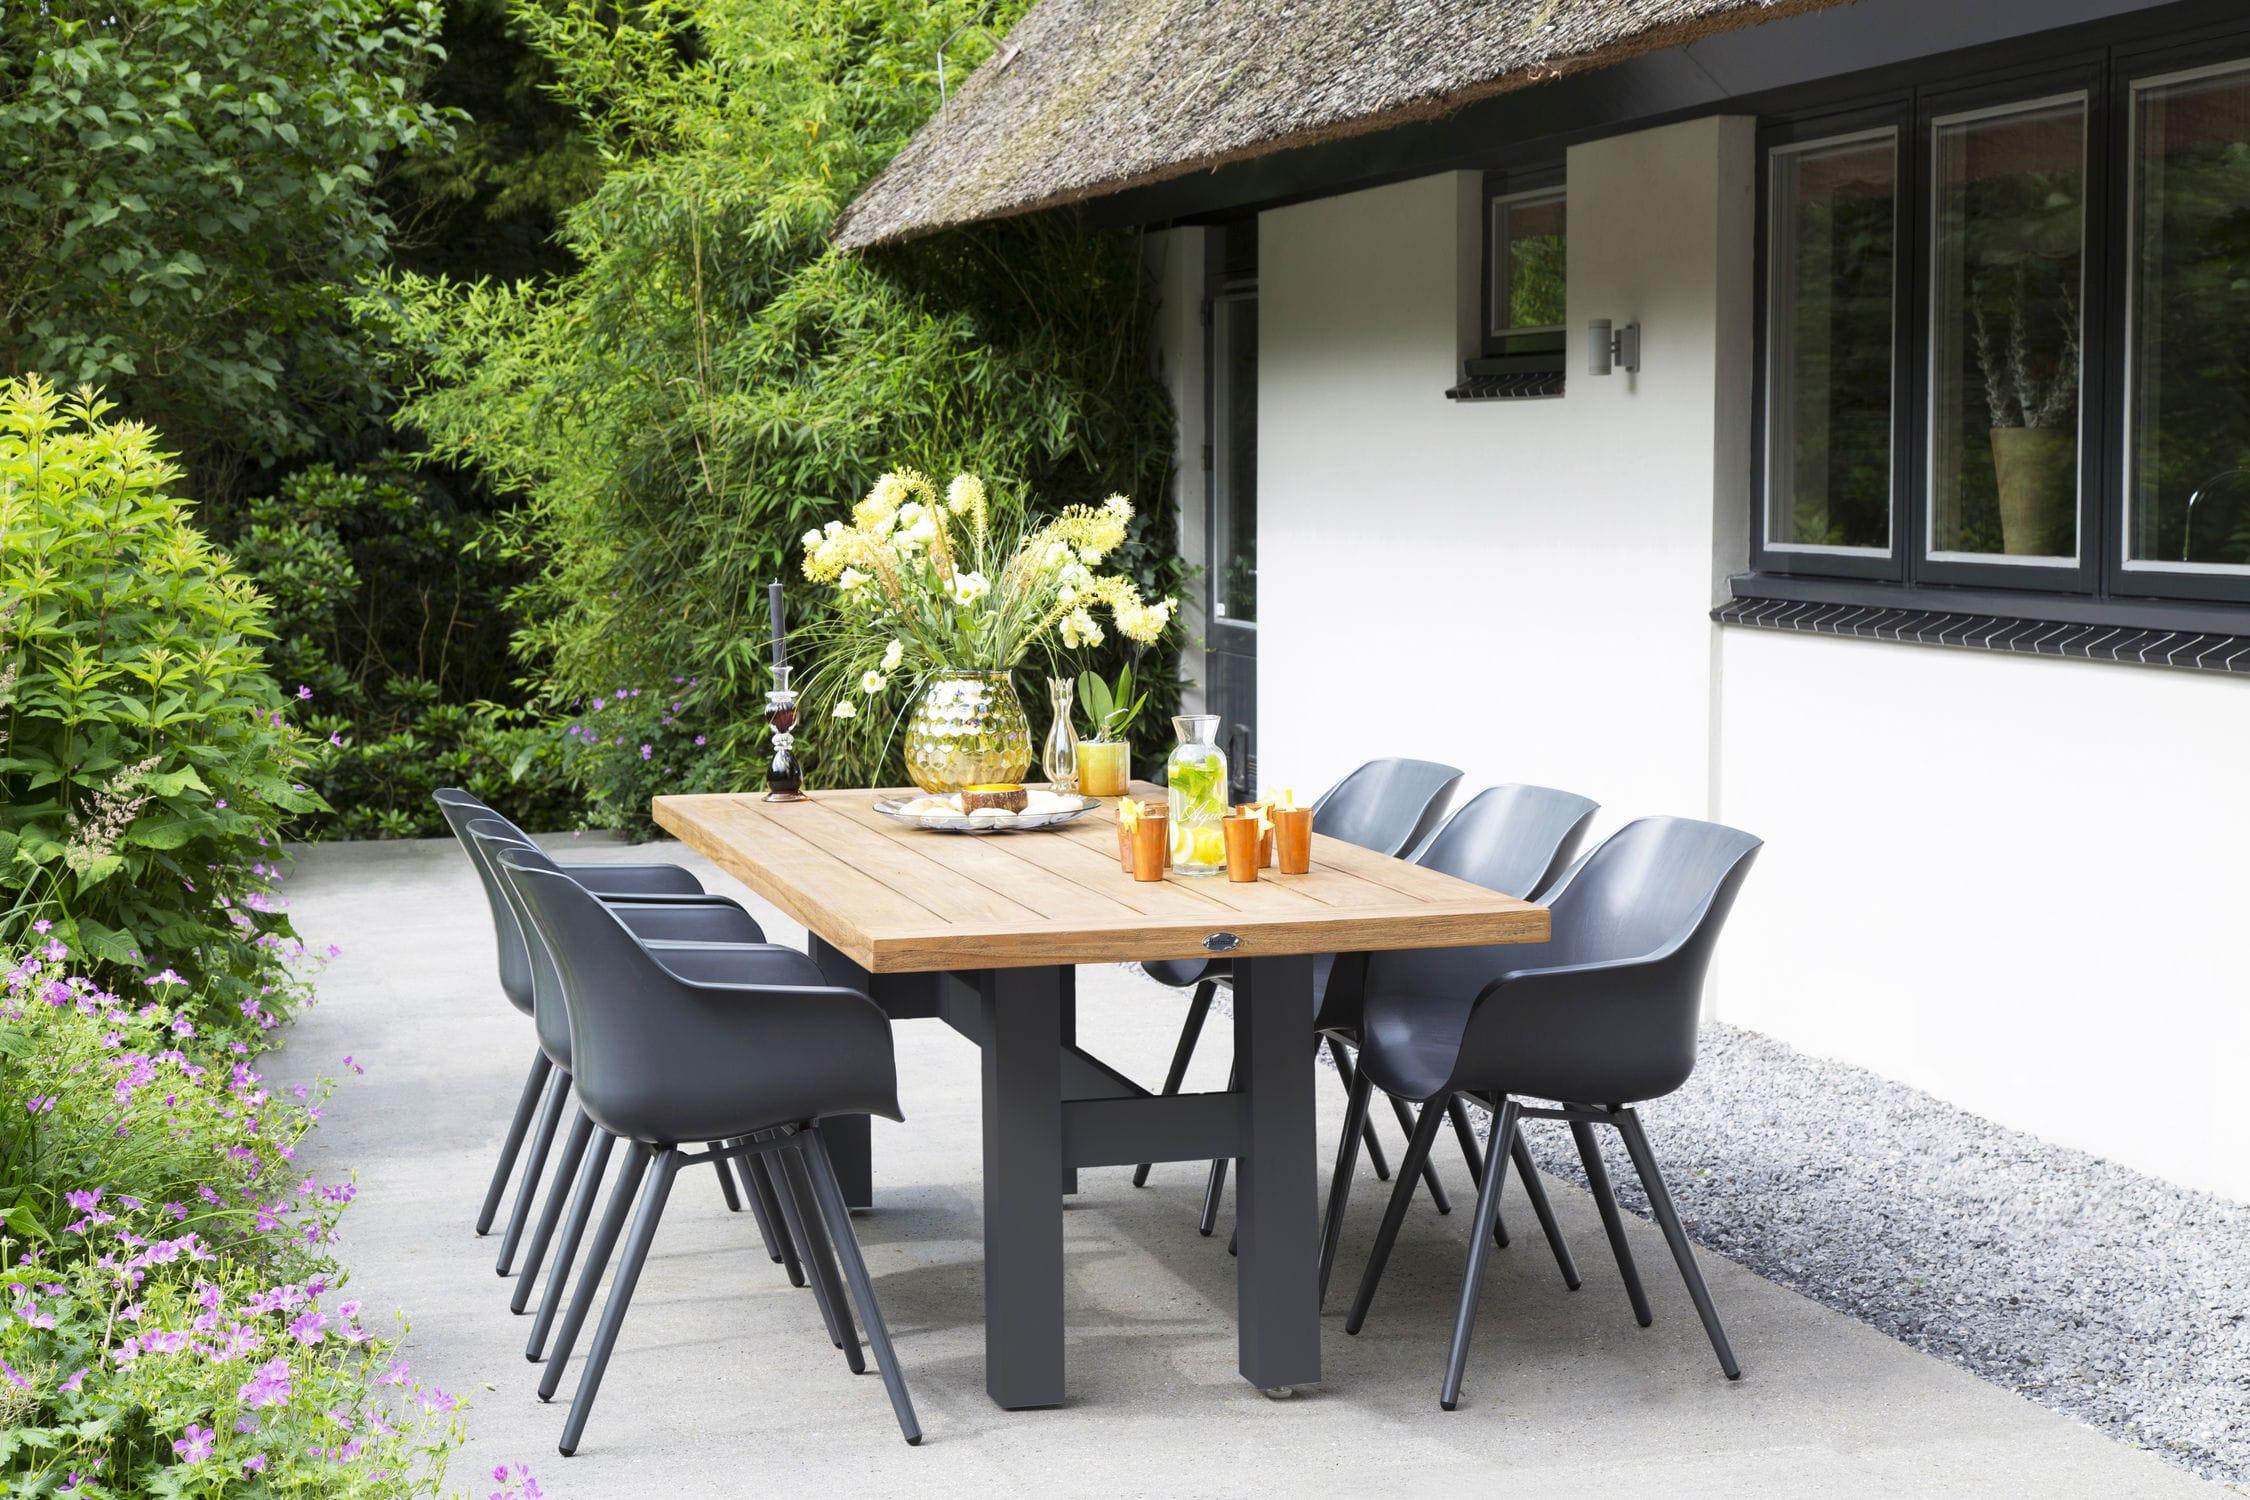 Tavoli E Sedie In Resina Per Esterno.Set Tavolo E Sedia Moderno In Alluminio In Resina Da Giardino